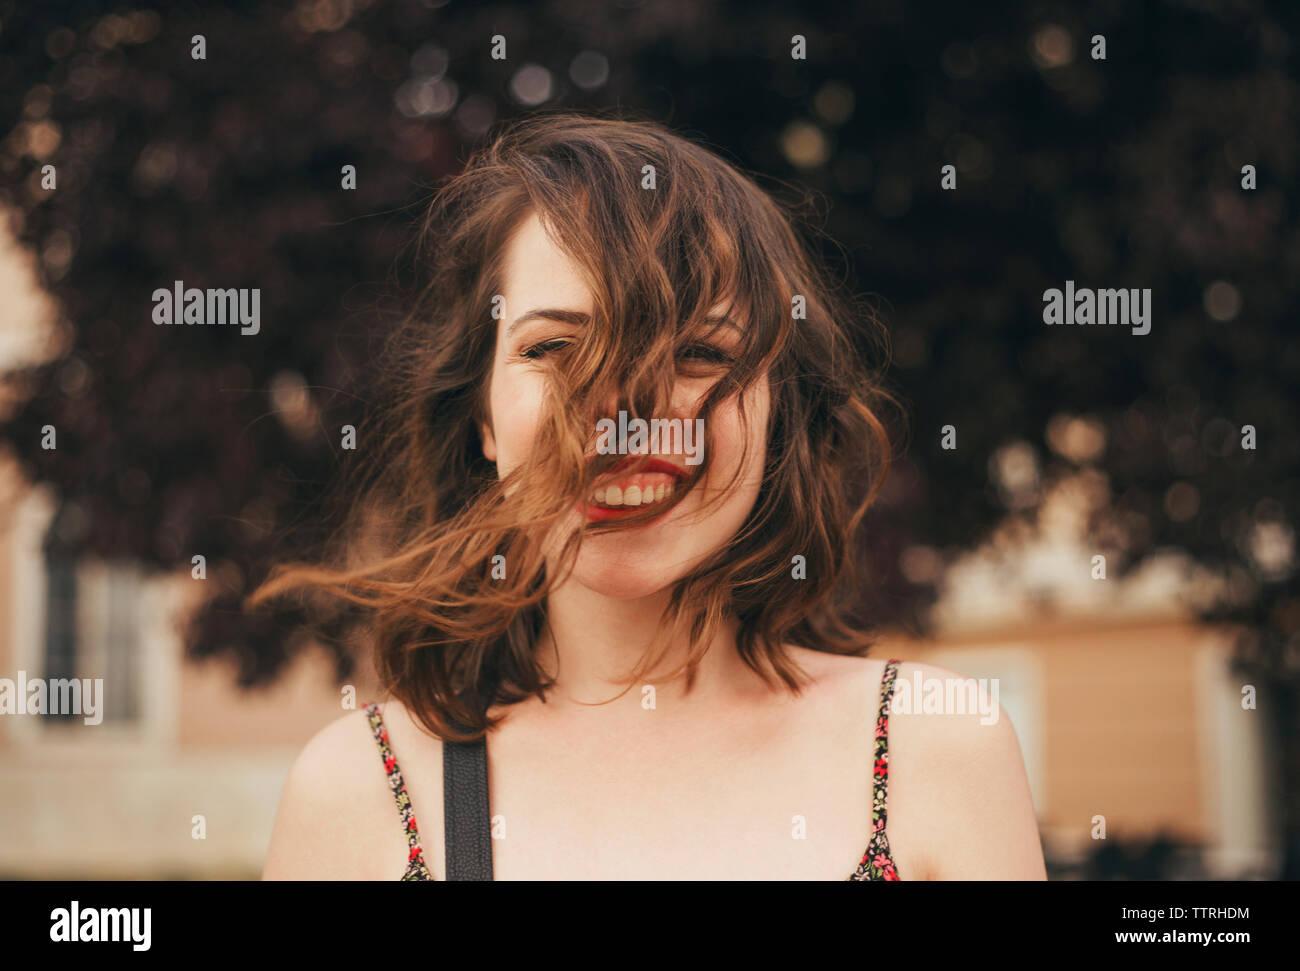 Ritratto di felice giovane donna con capelli tousled all'aperto Immagini Stock